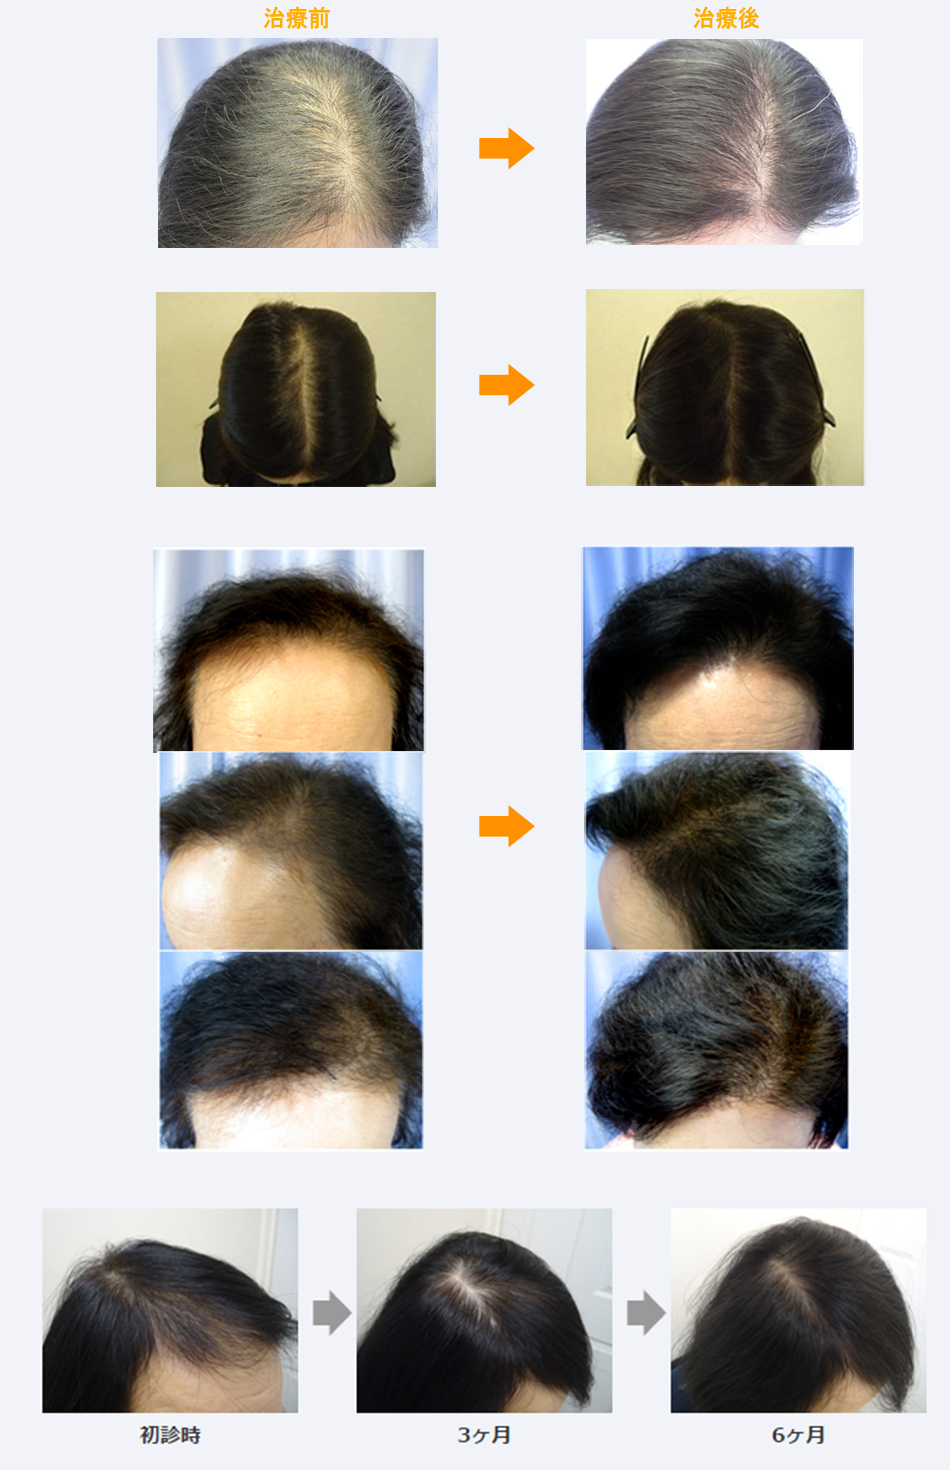 女性薄毛症例画像